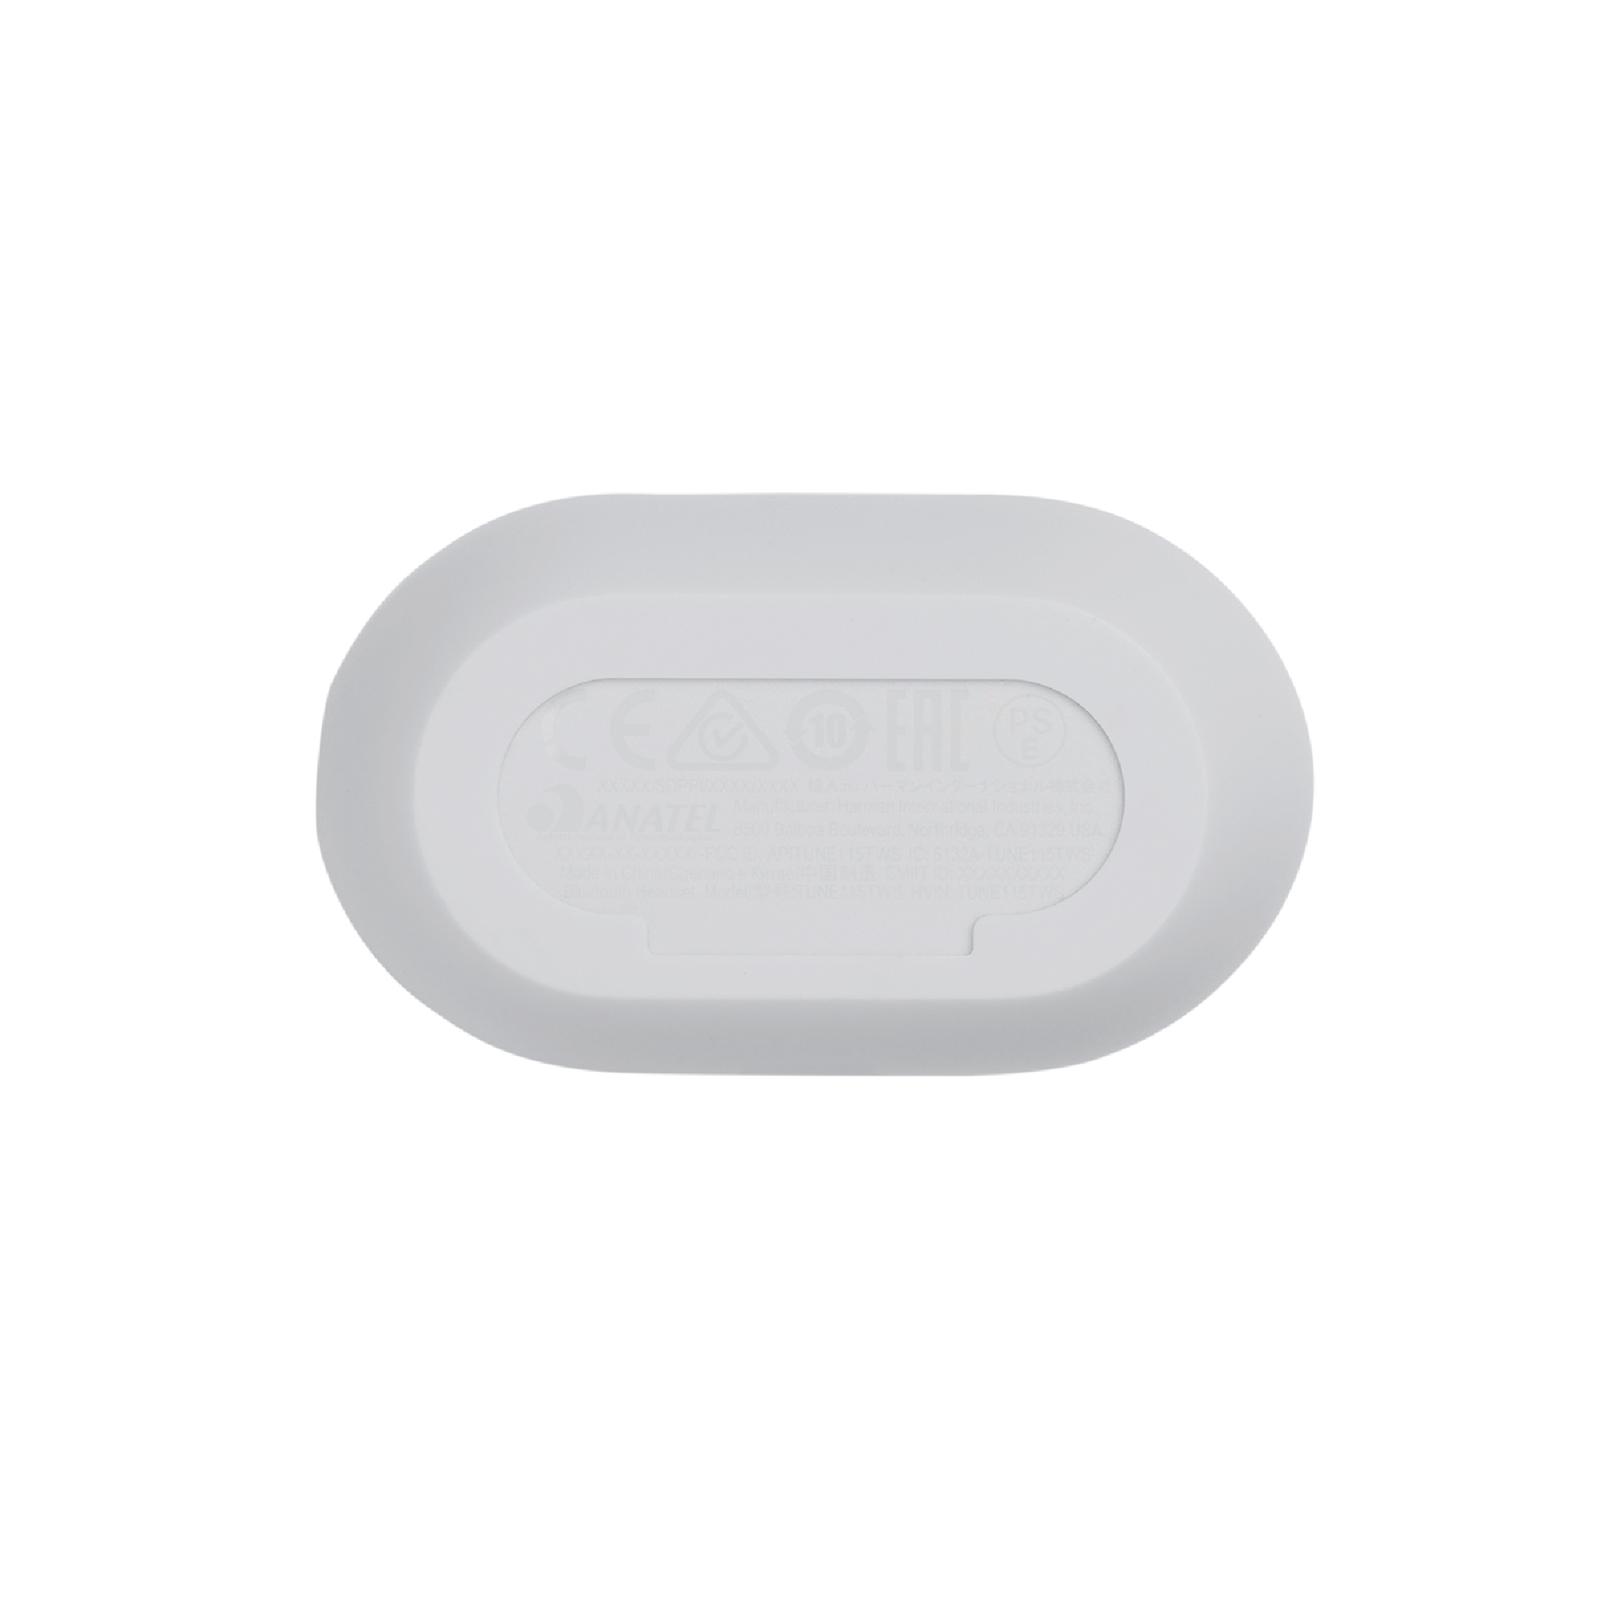 JBL C115TWS - White - Detailshot 6